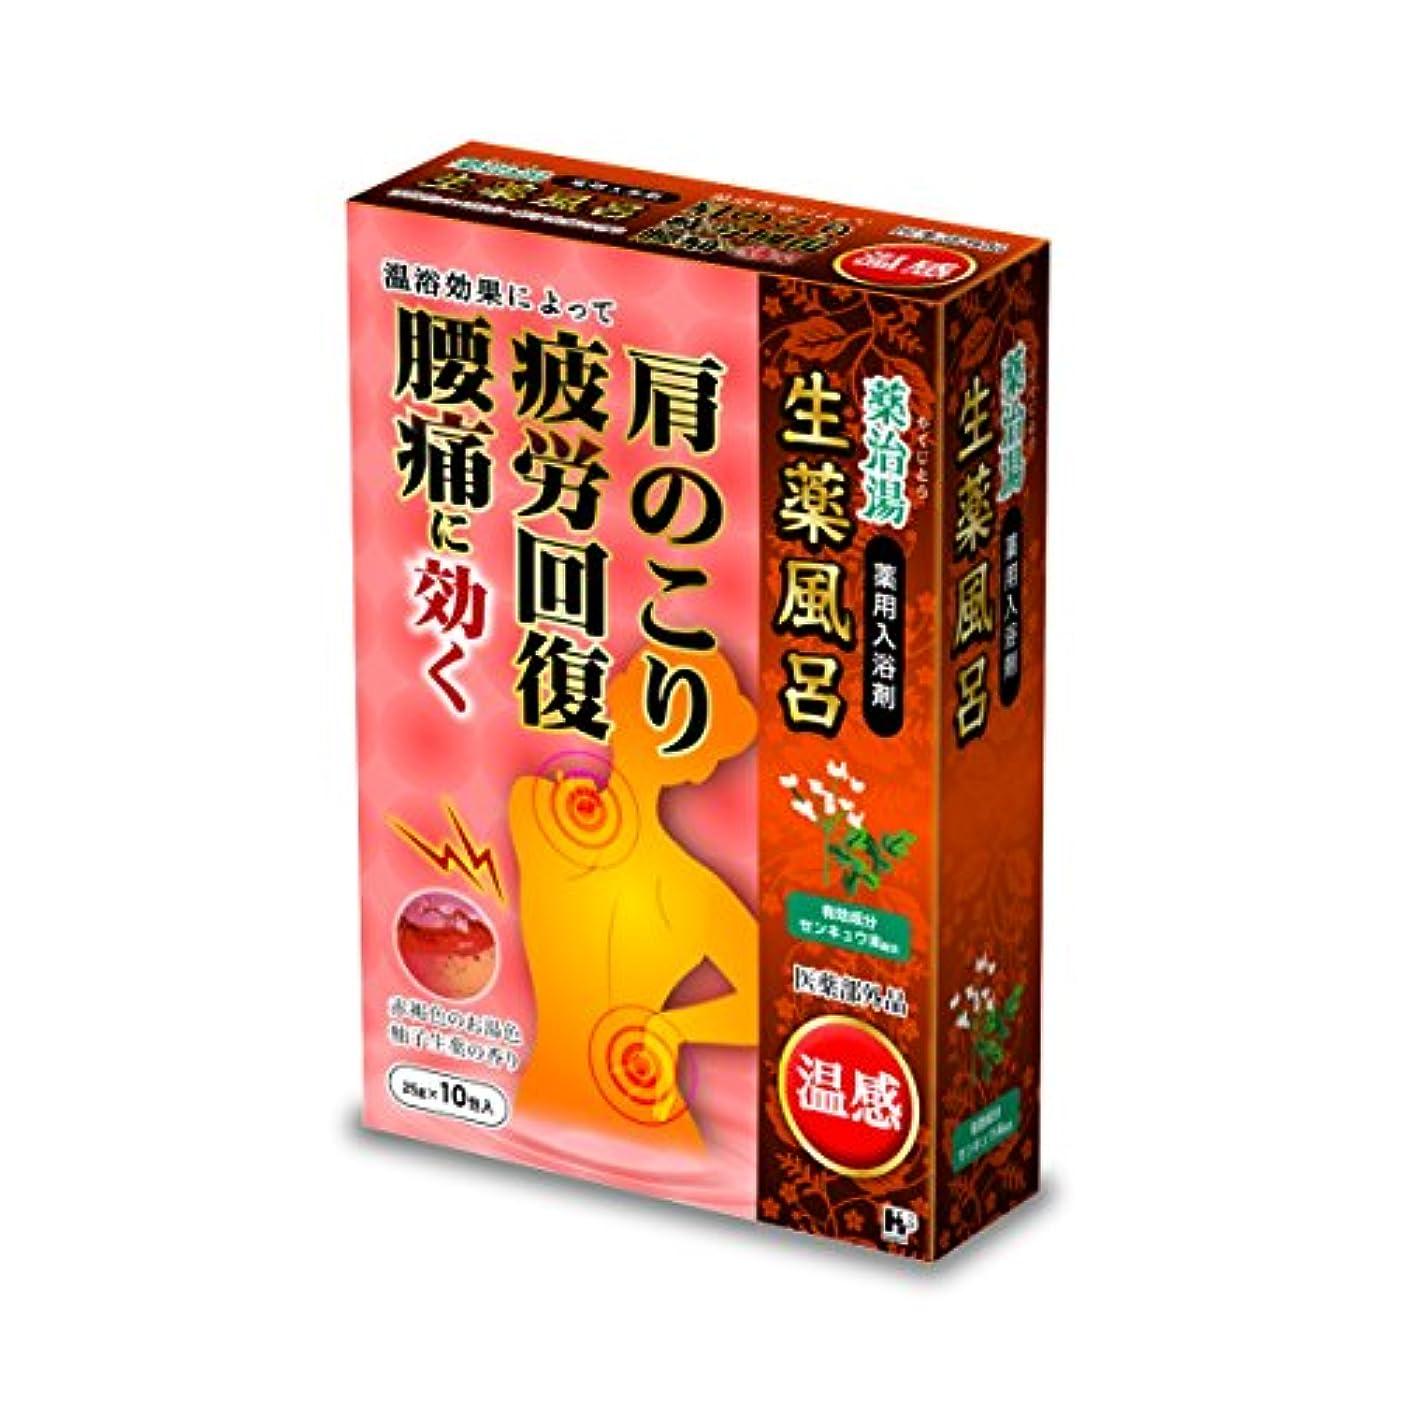 テープ土地興奮する薬治湯温感 柚子生薬の香り